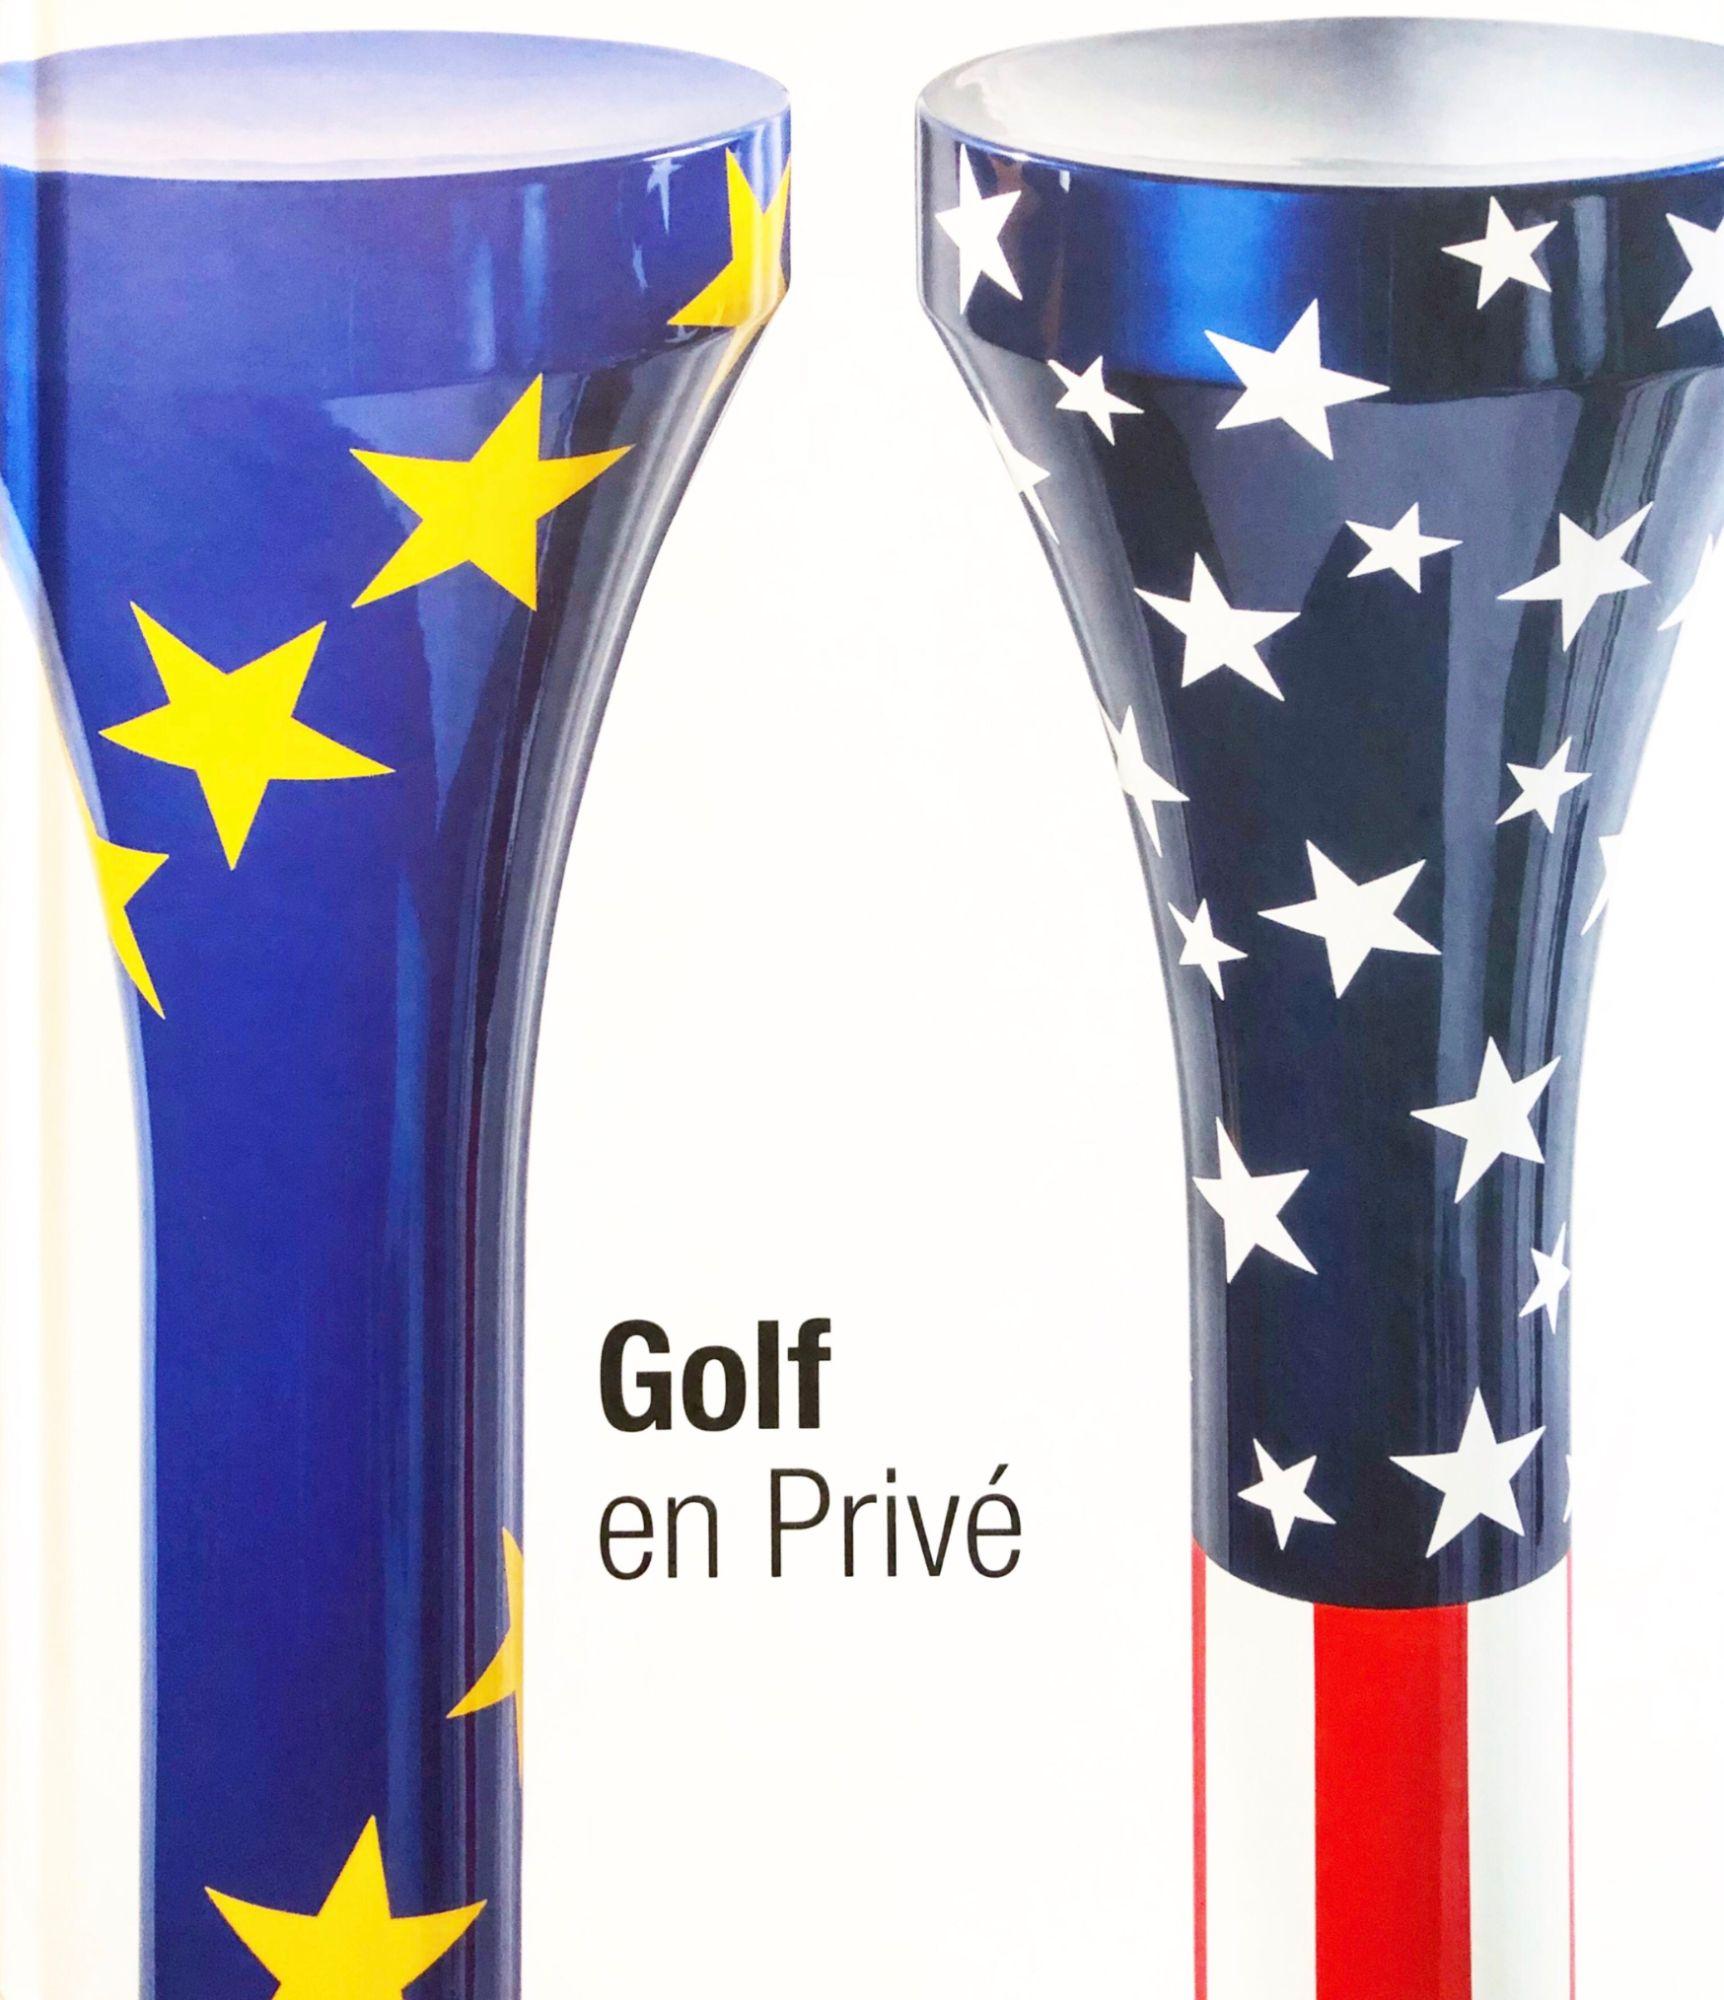 Golf en privé 2015